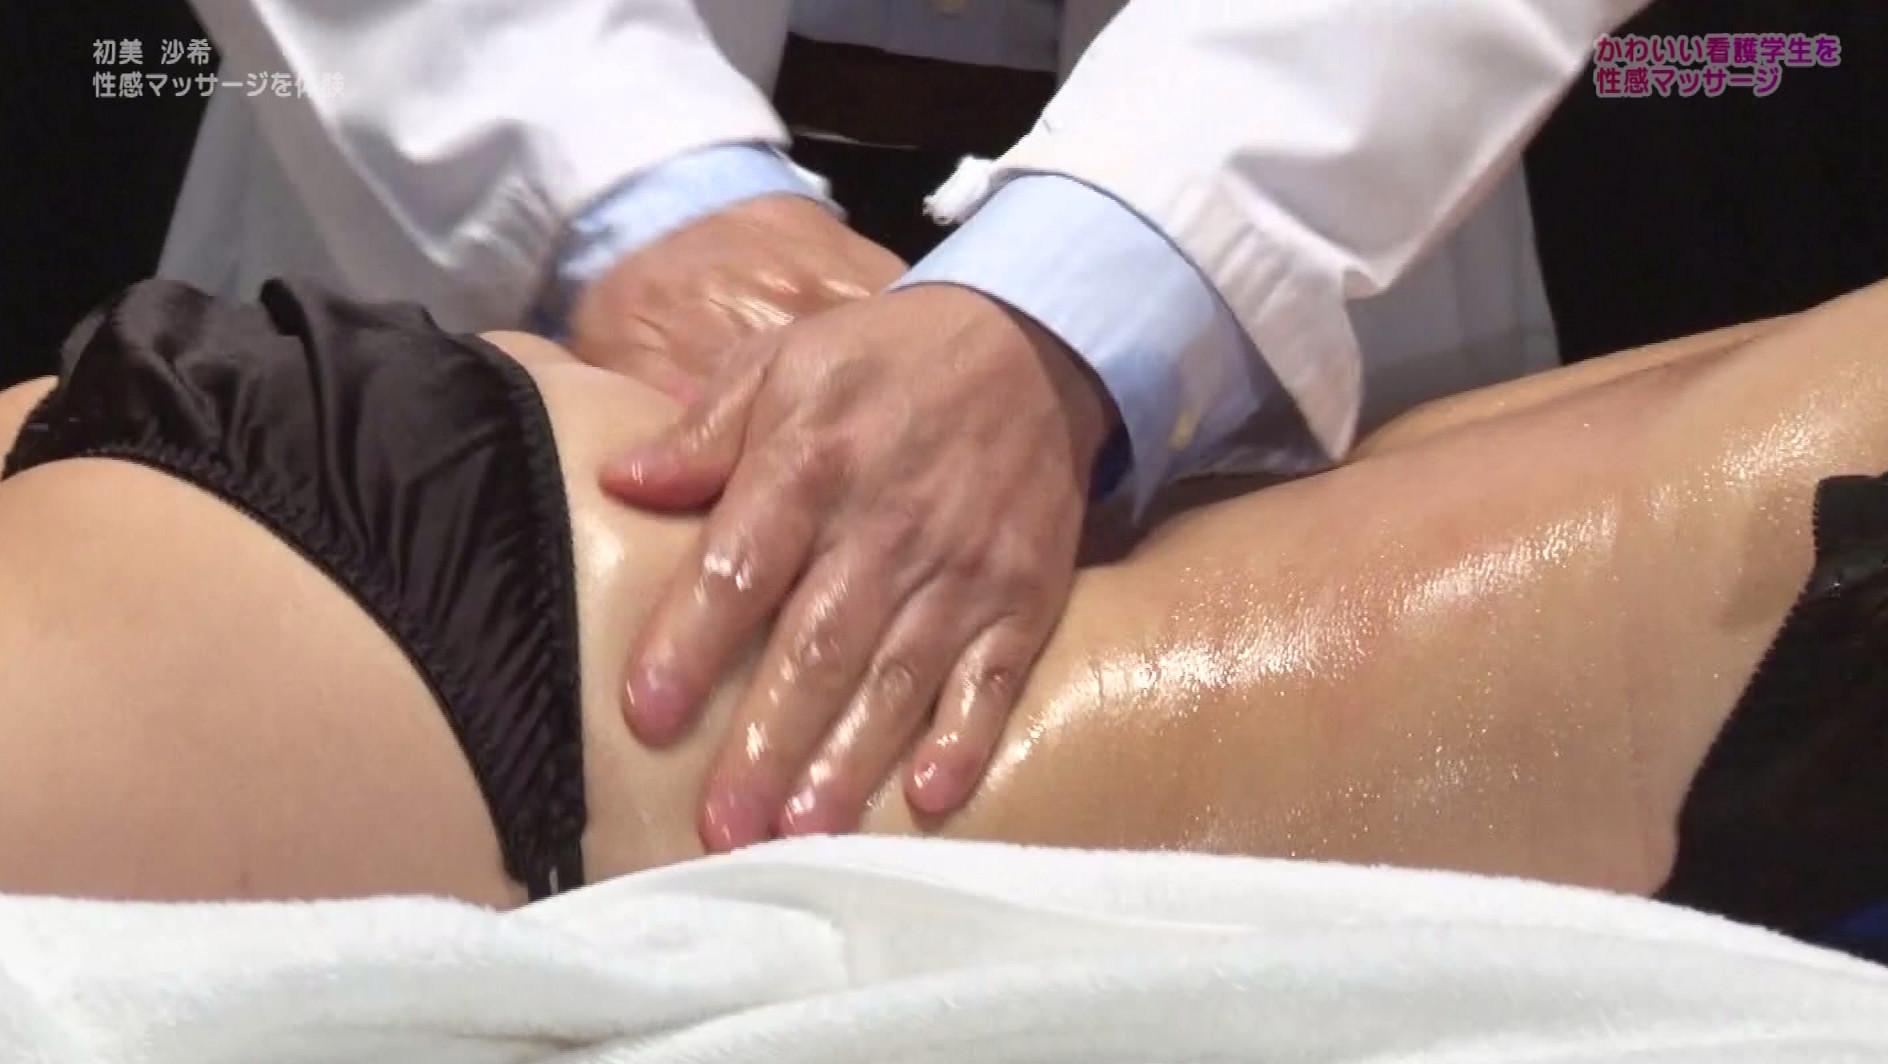 かわいい看護学生を性感マッサージでとことんイカせてみた 画像6